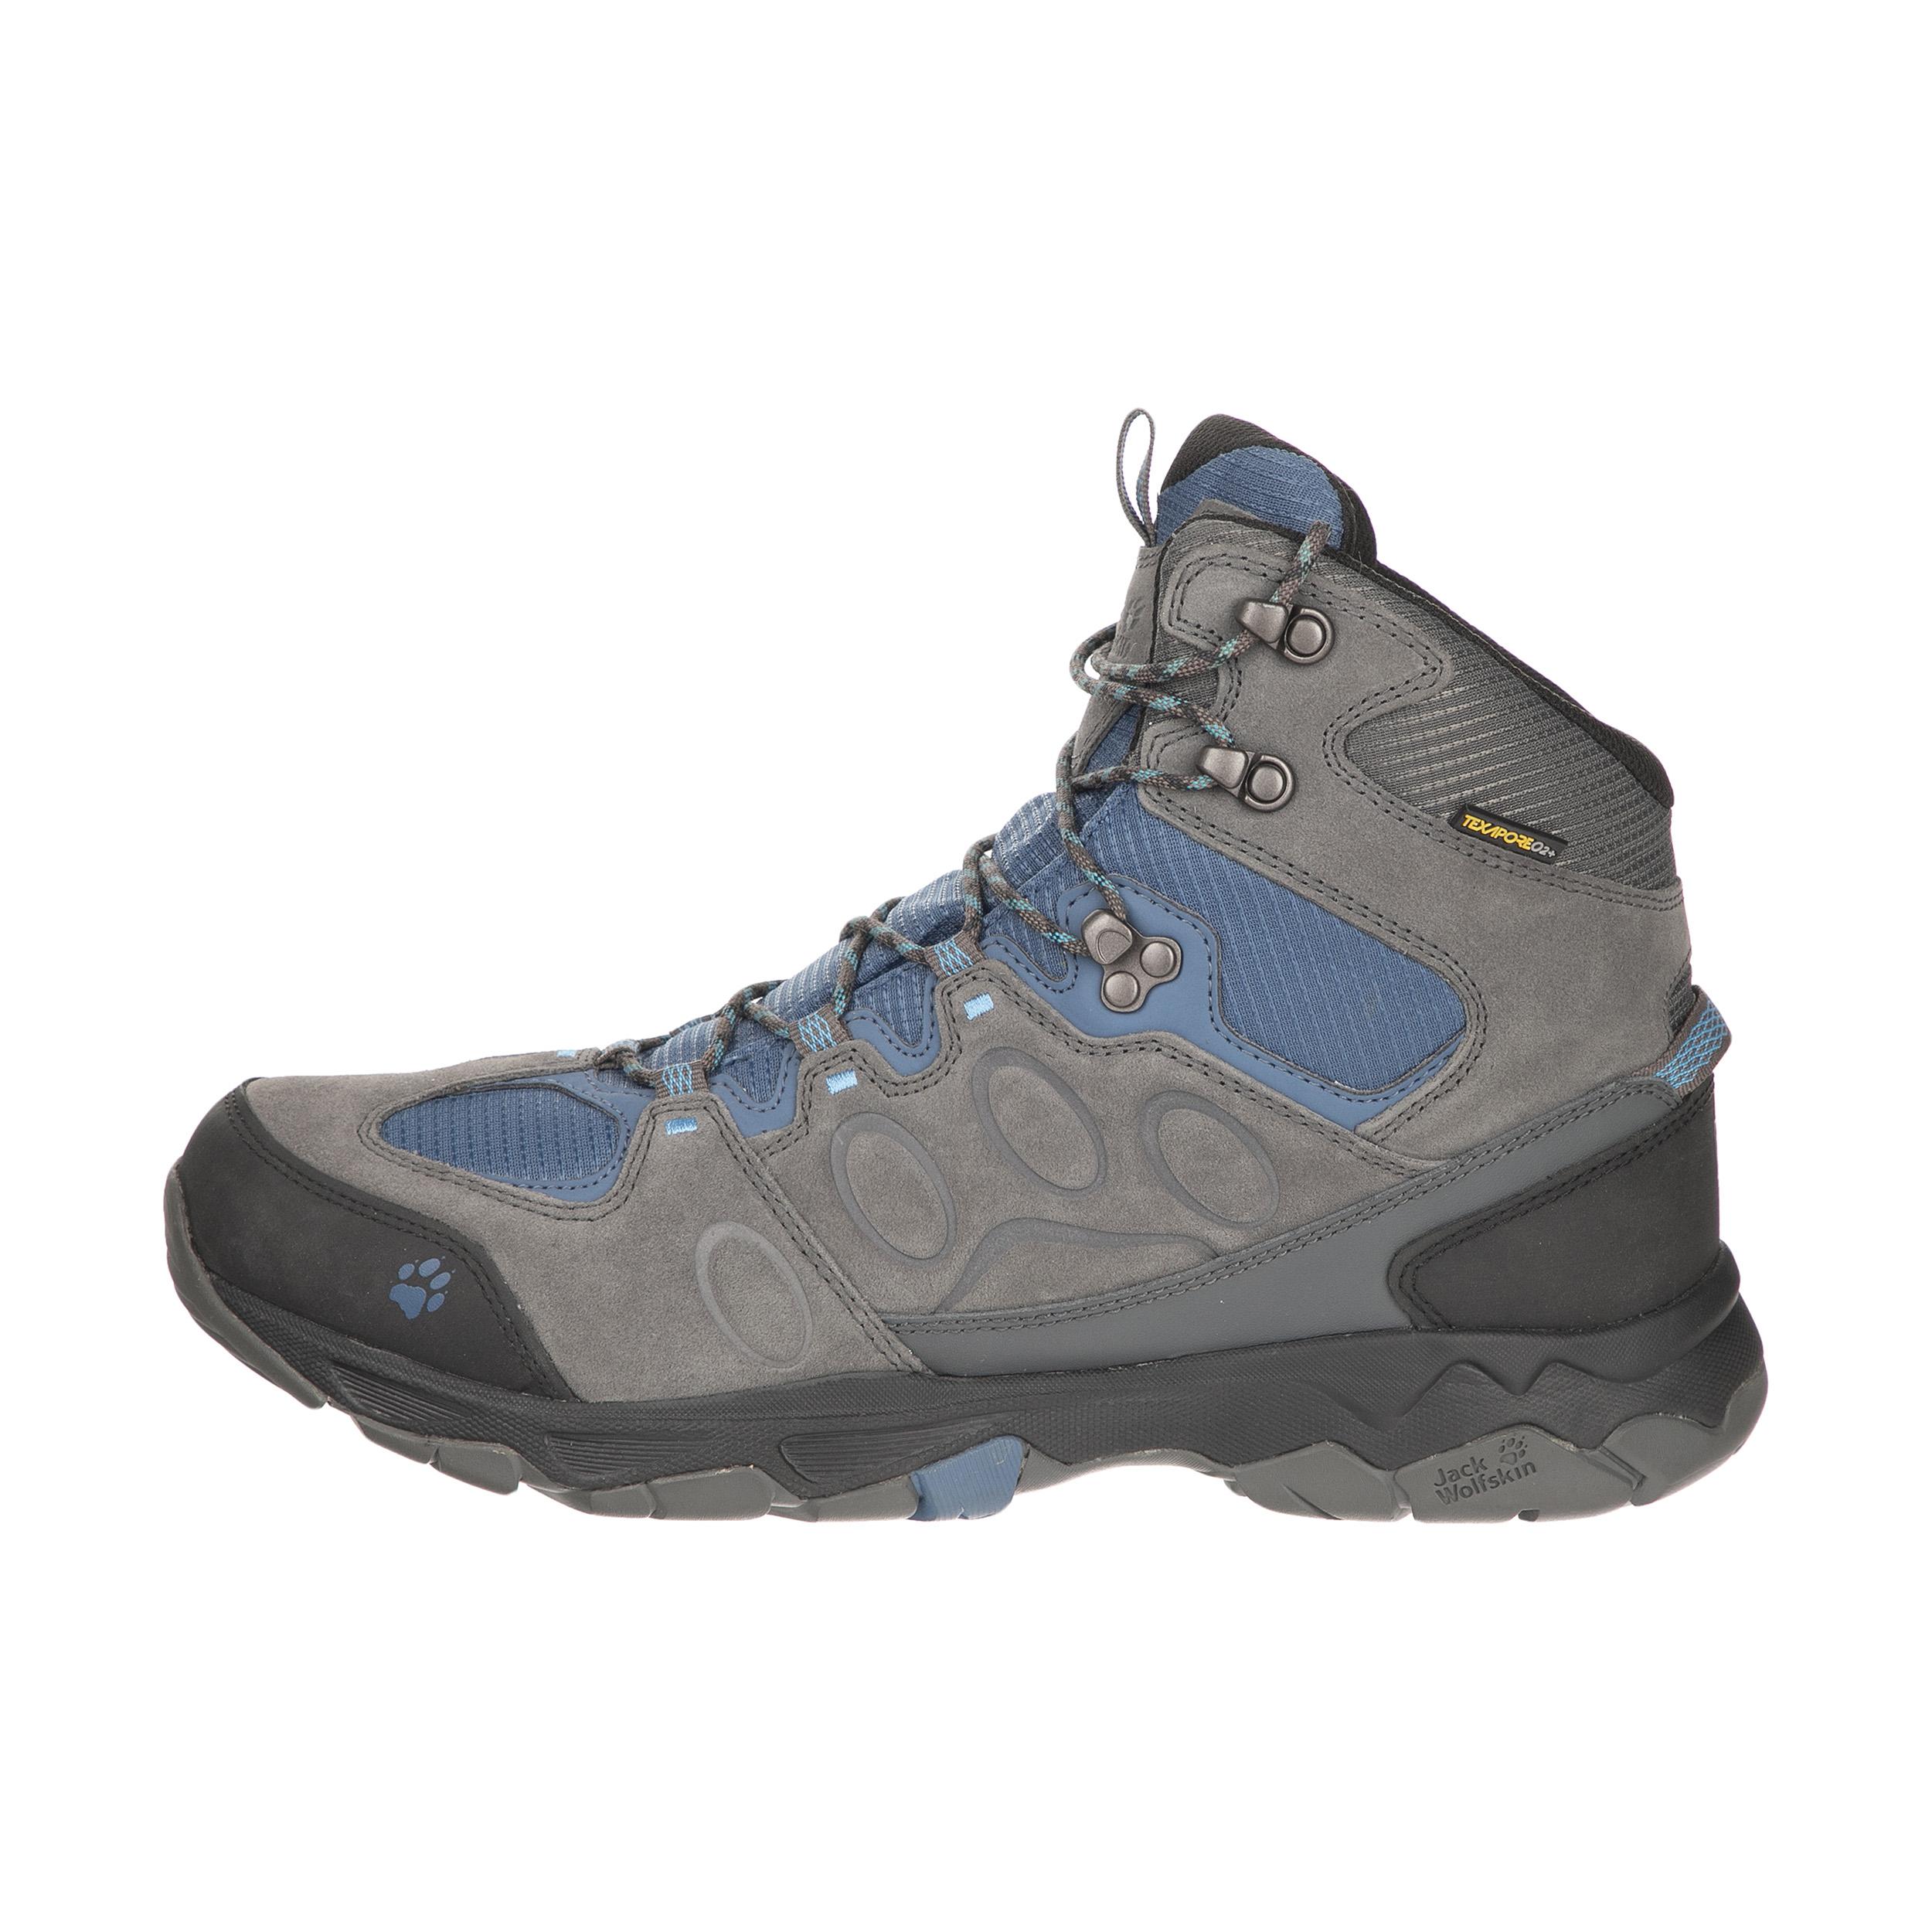 قیمت کفش  کوهنوردی مردانه جک ولف اسکین  مدل  +Texapore o2